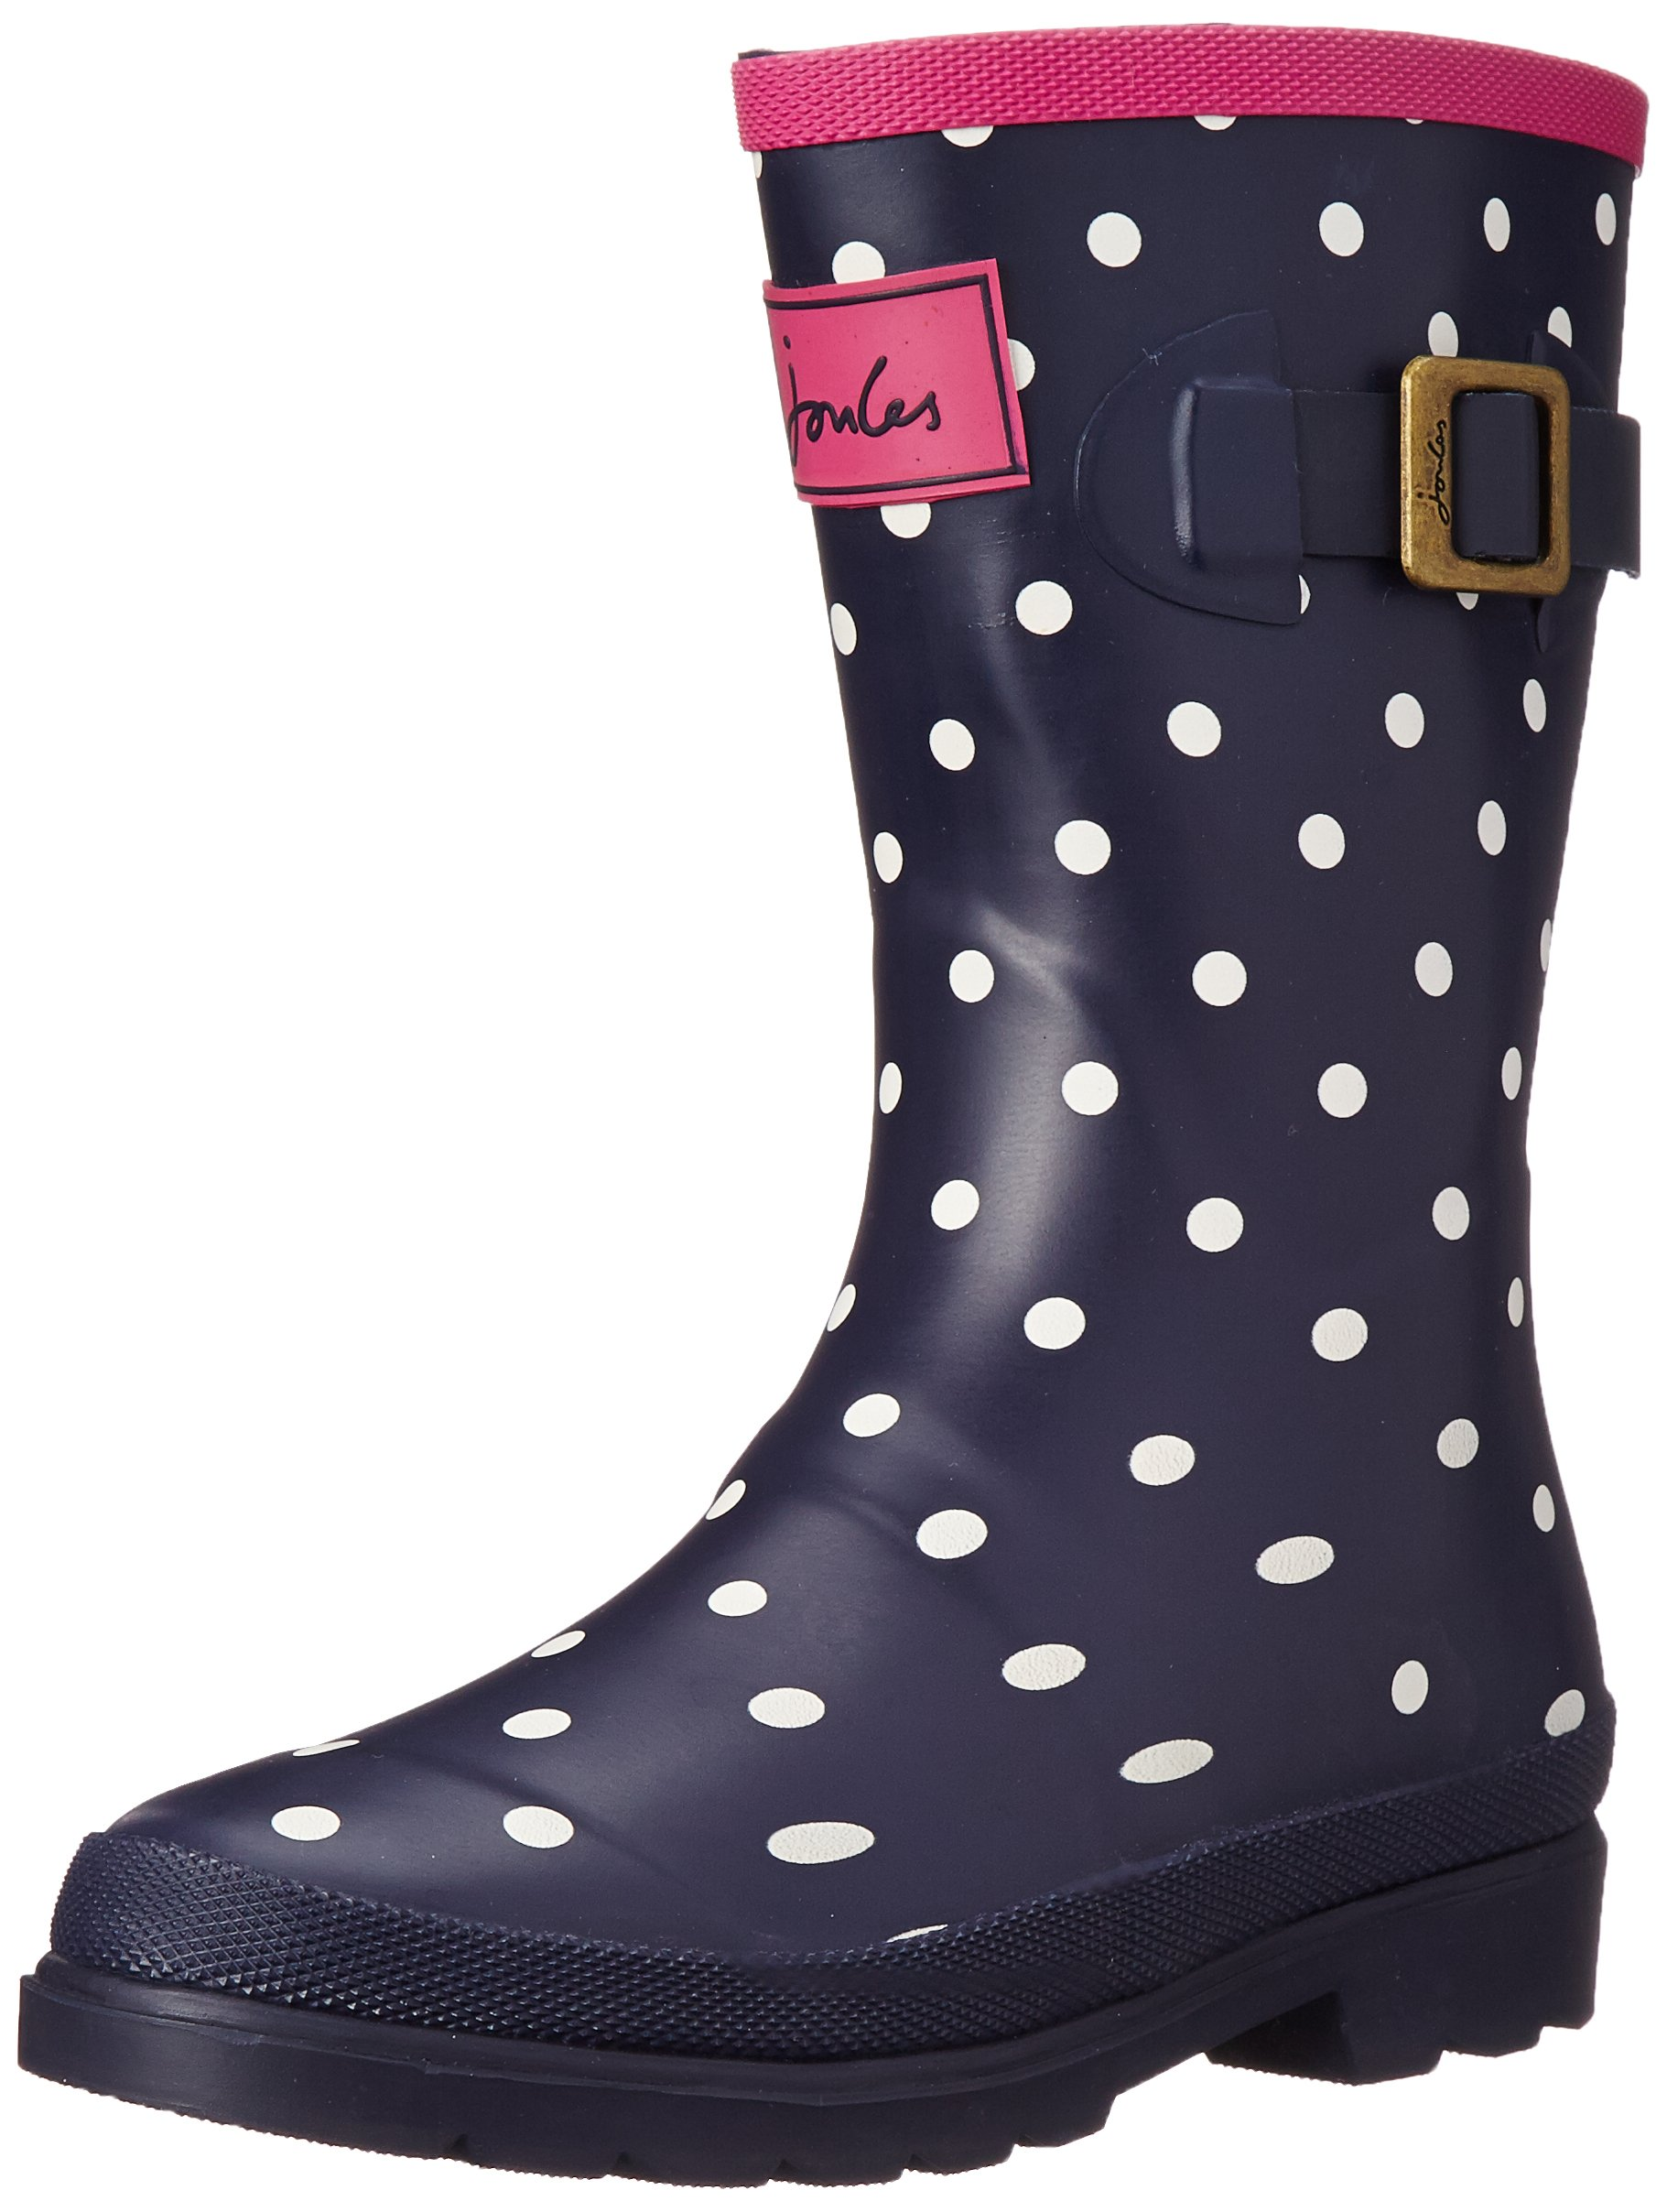 Joules T_JNR Girls Welly Boot (Toddler/Little Kid/Big Kid), Navy Spot White, 11 M US Little Kid